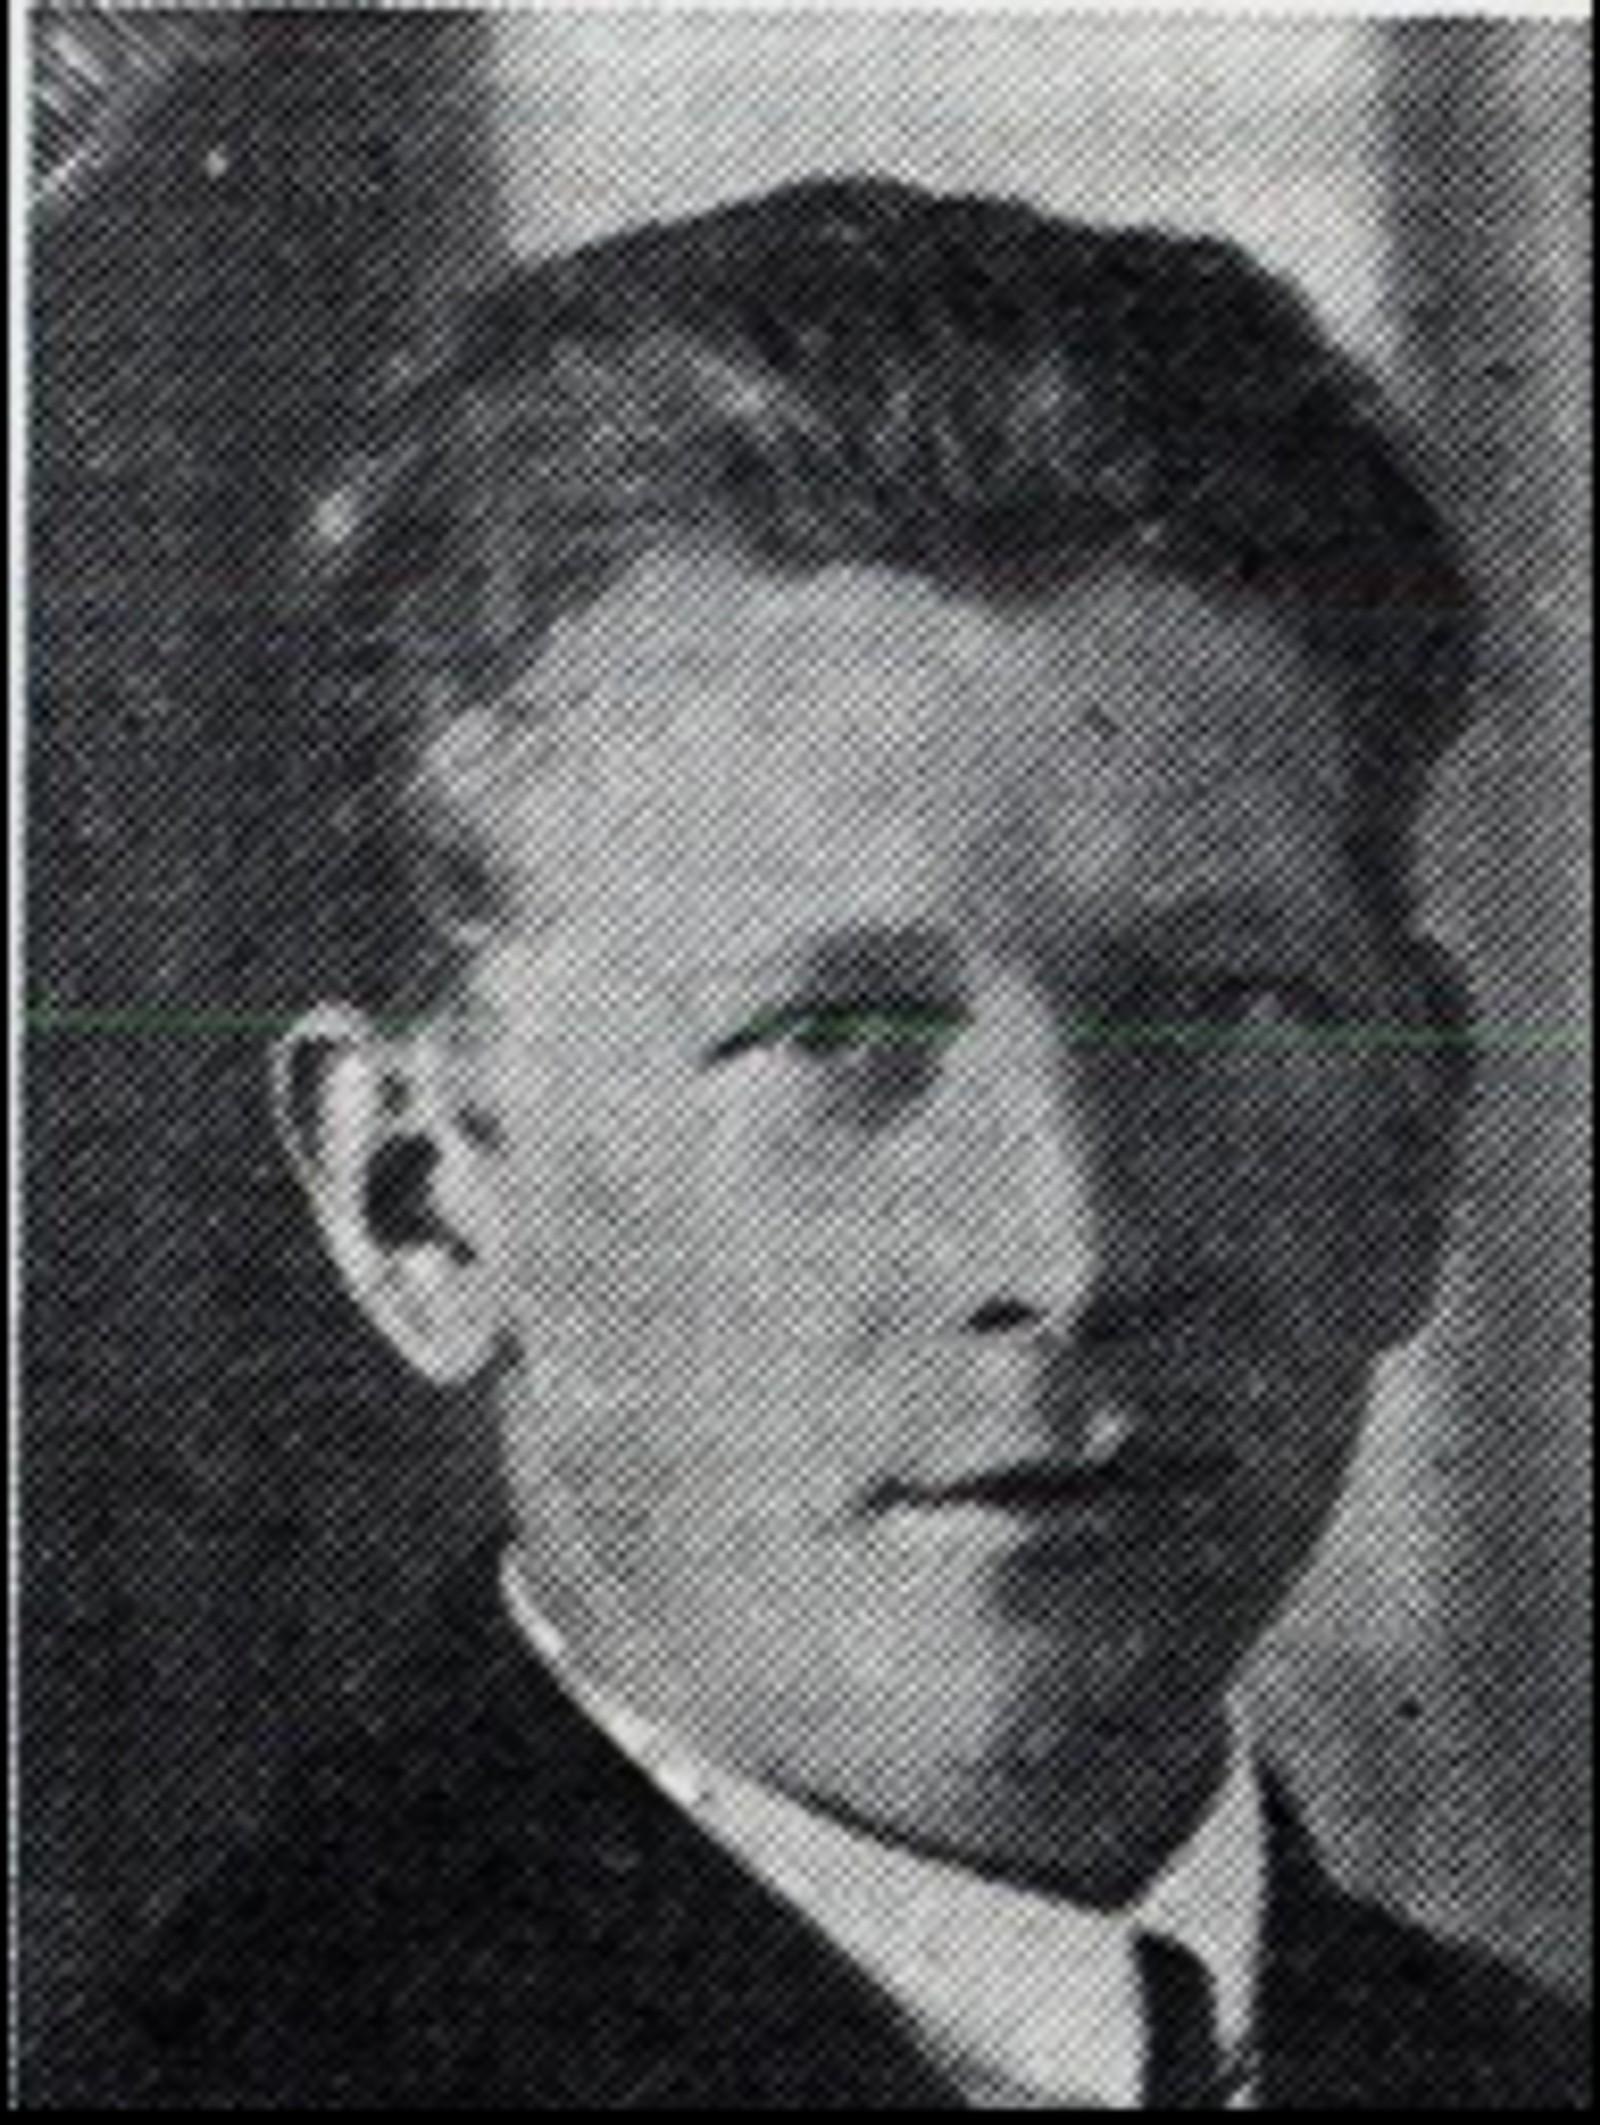 Martin Danielsen: Pølsemaker, bodde i Åsnes. Var med i redningsarbeidet under bombeangrepet på Elverum 11.april 1940, og ble drept samme dag av en bombesplint.